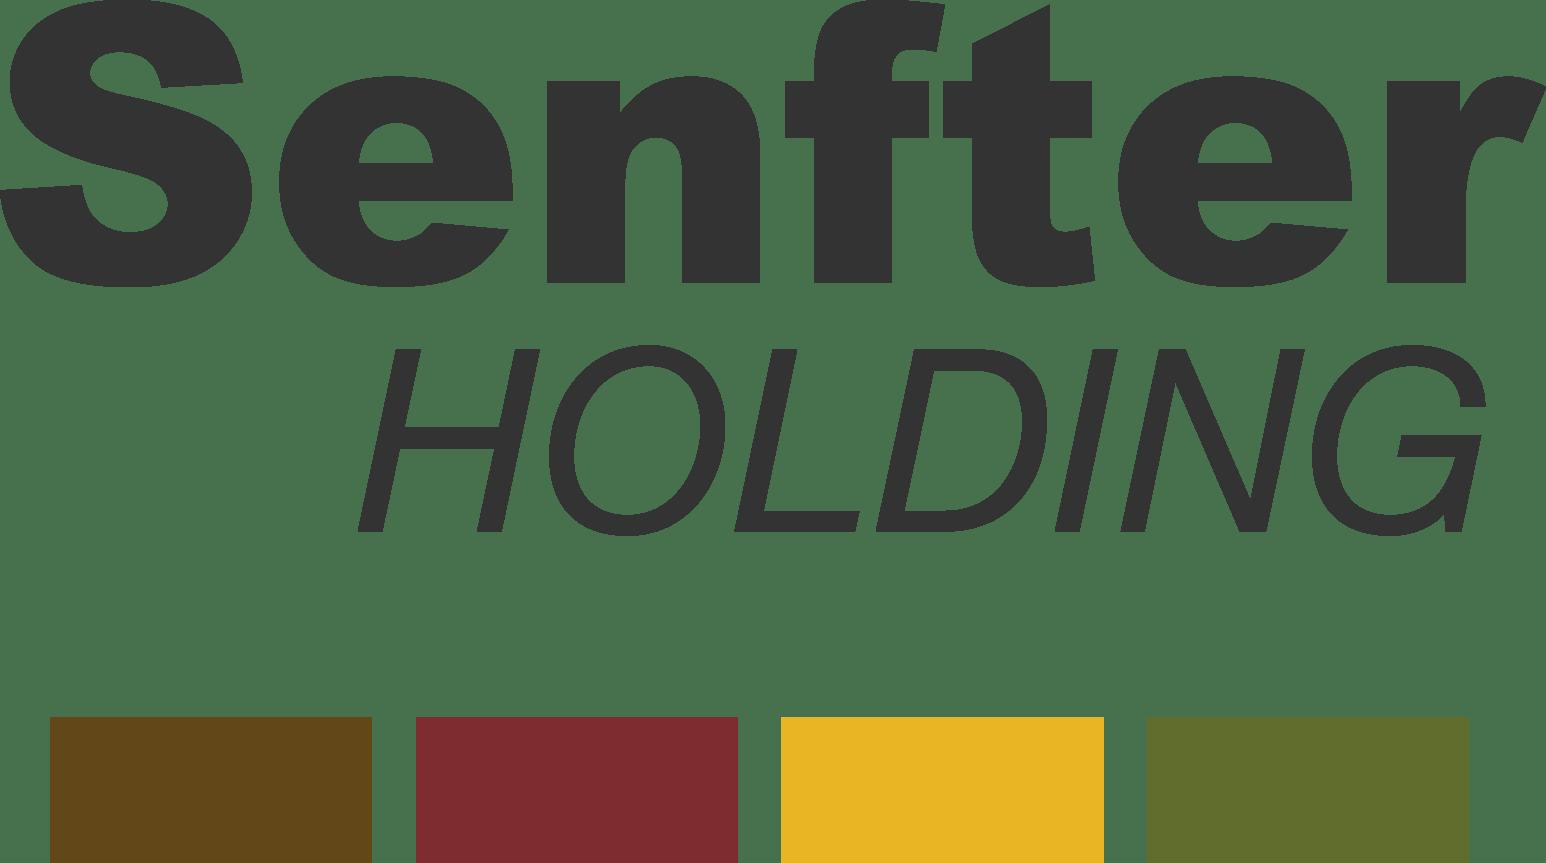 Senfter Holding